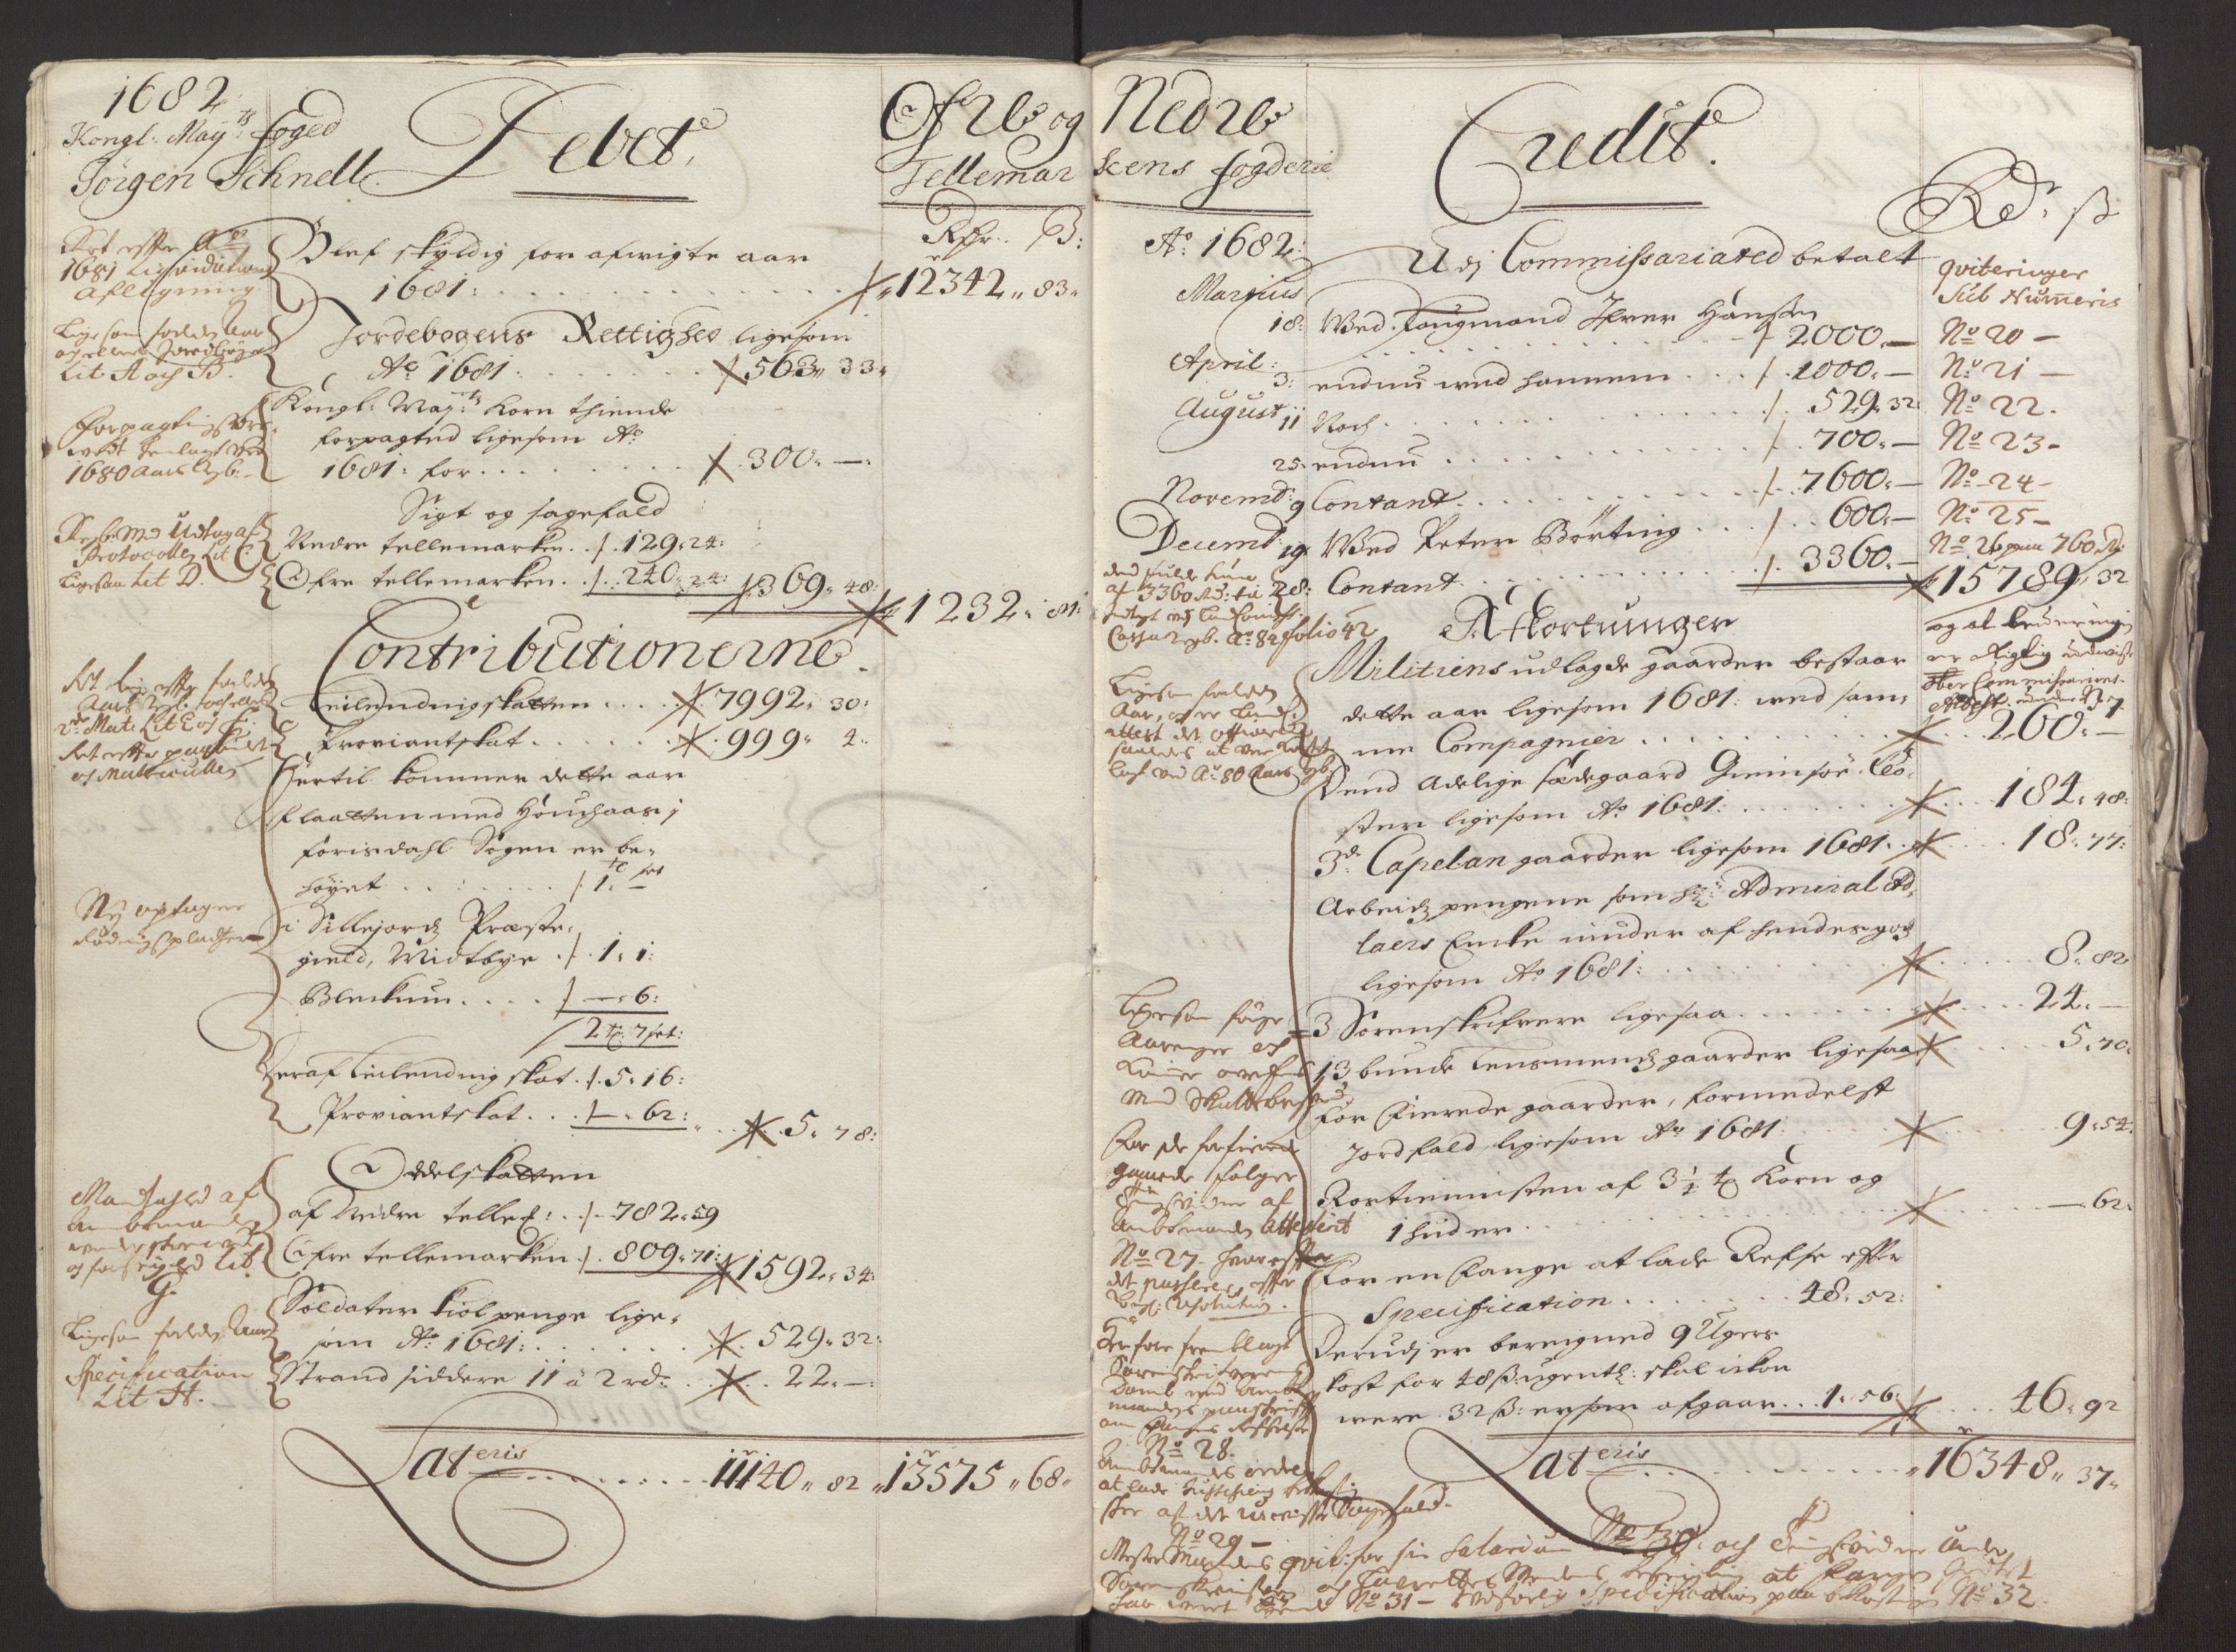 RA, Rentekammeret inntil 1814, Reviderte regnskaper, Fogderegnskap, R35/L2075: Fogderegnskap Øvre og Nedre Telemark, 1680-1684, s. 12